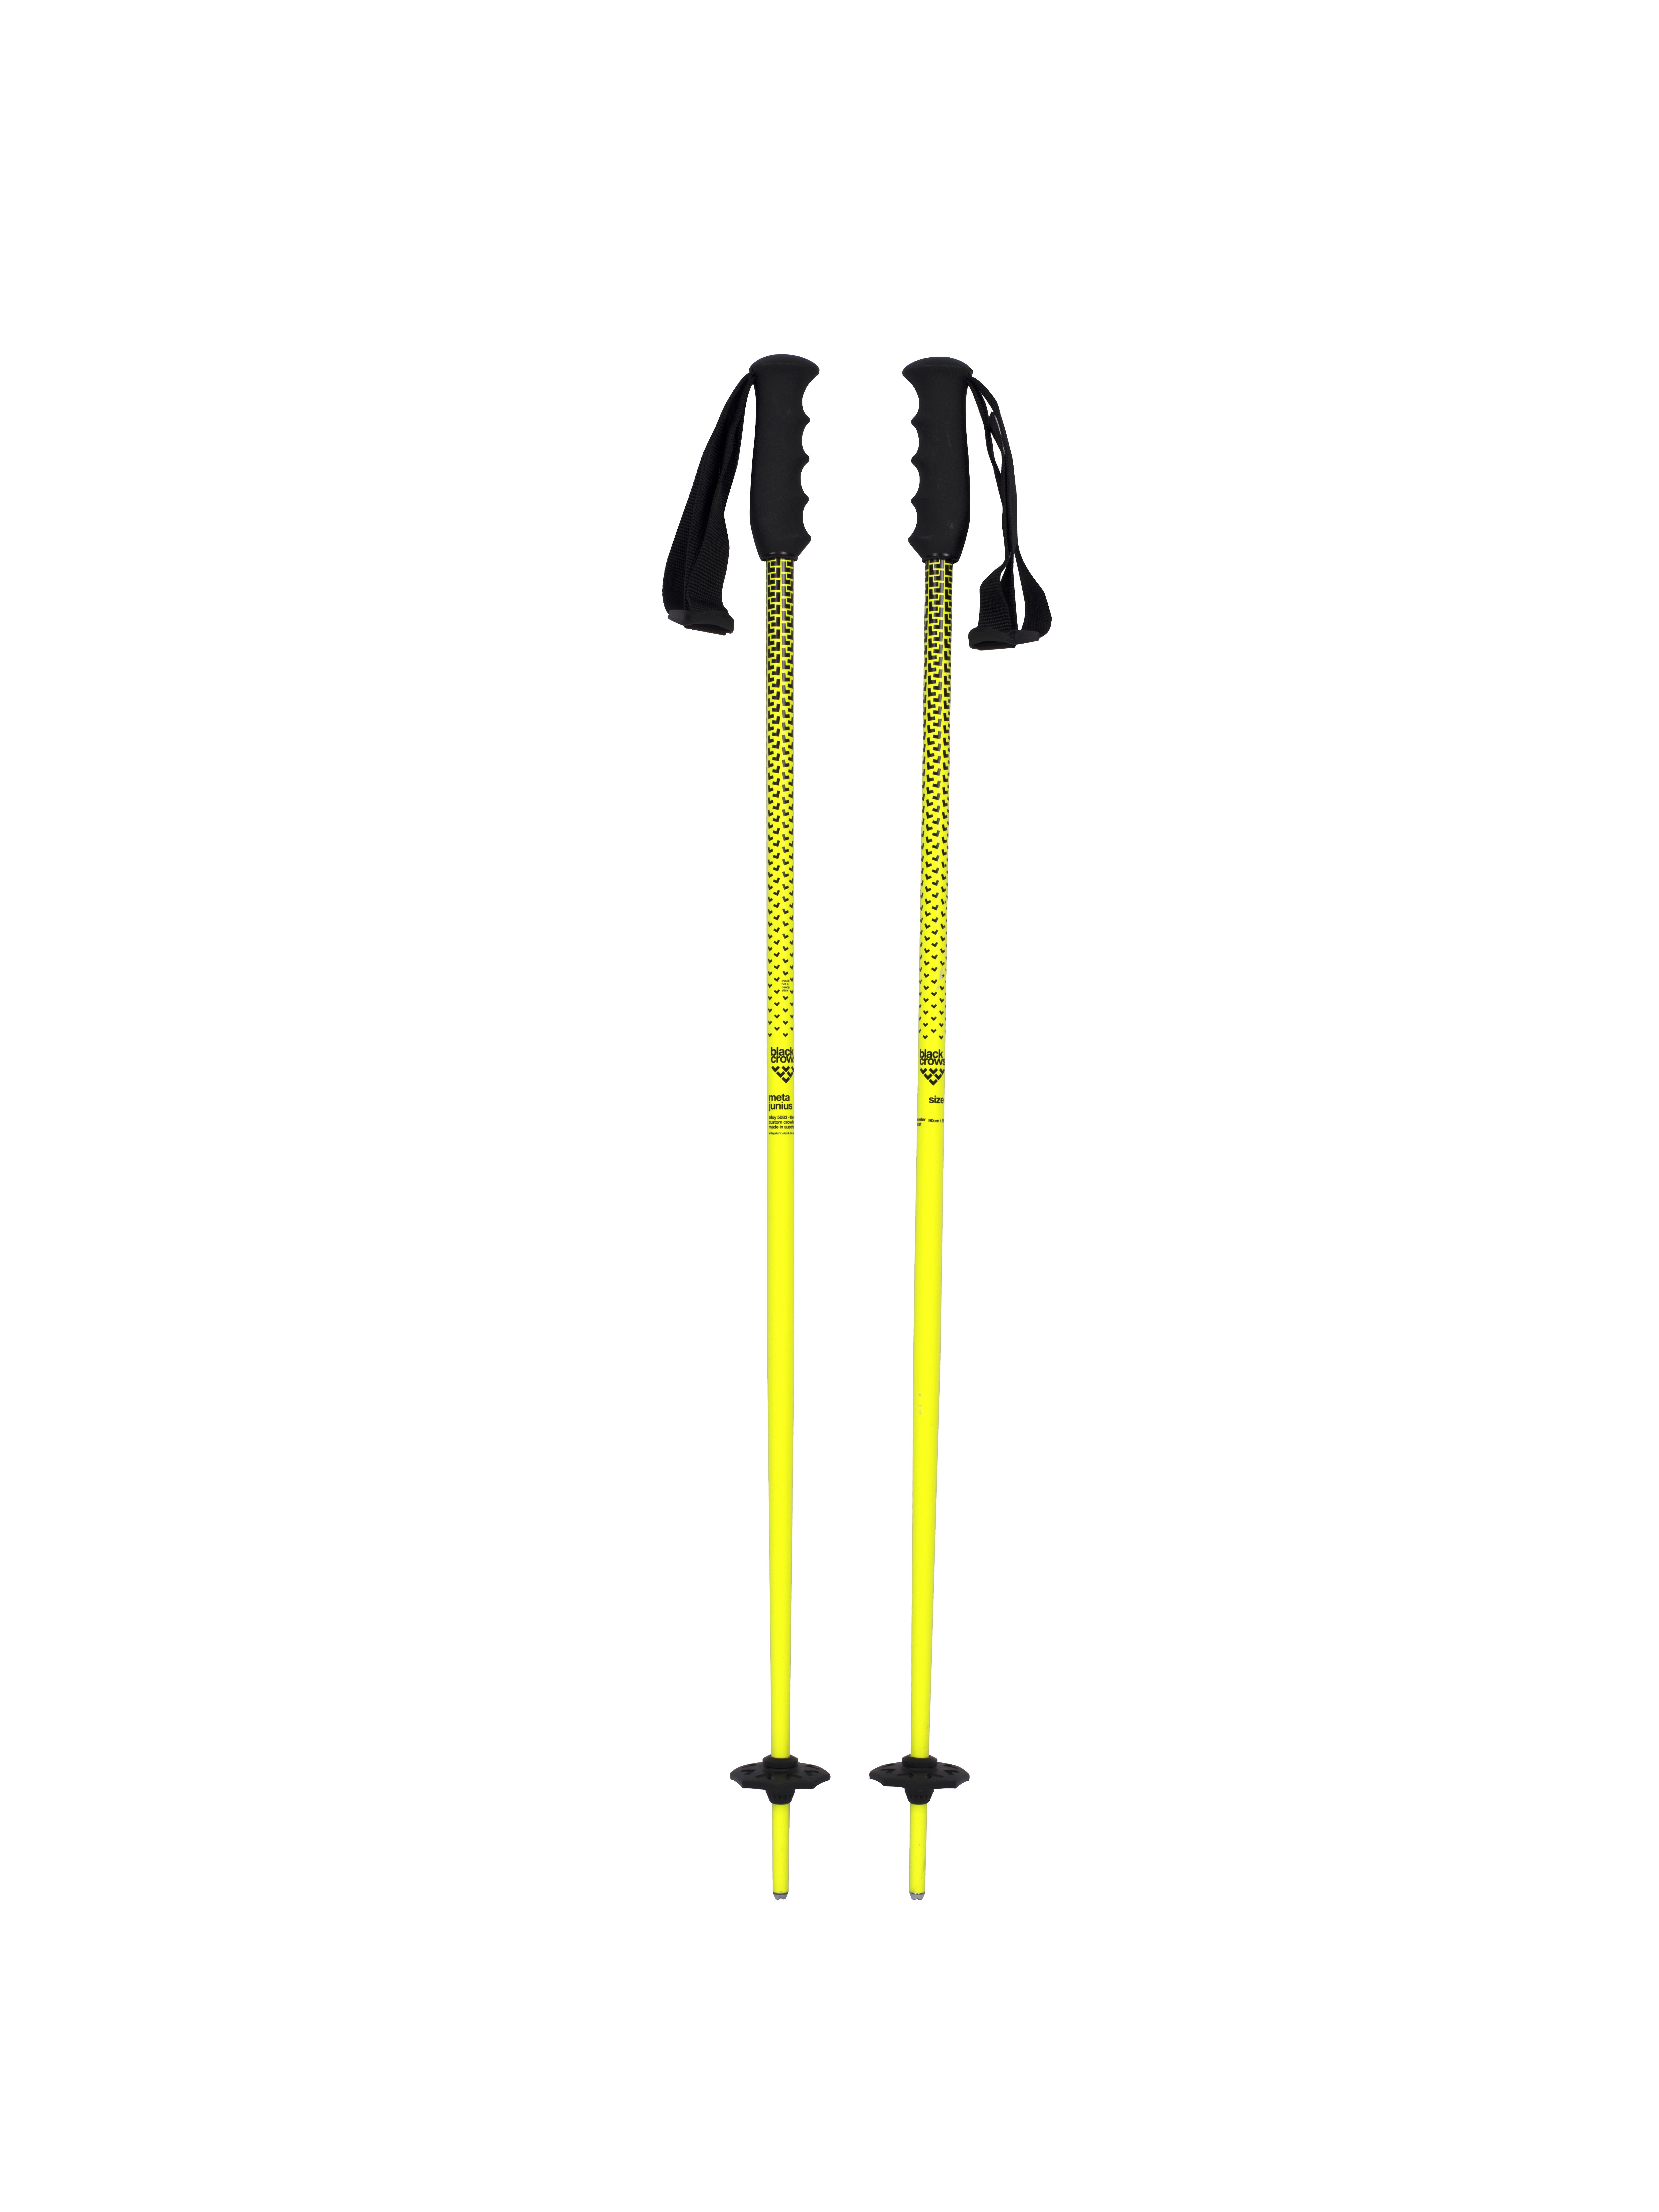 Mens Ski Poles.